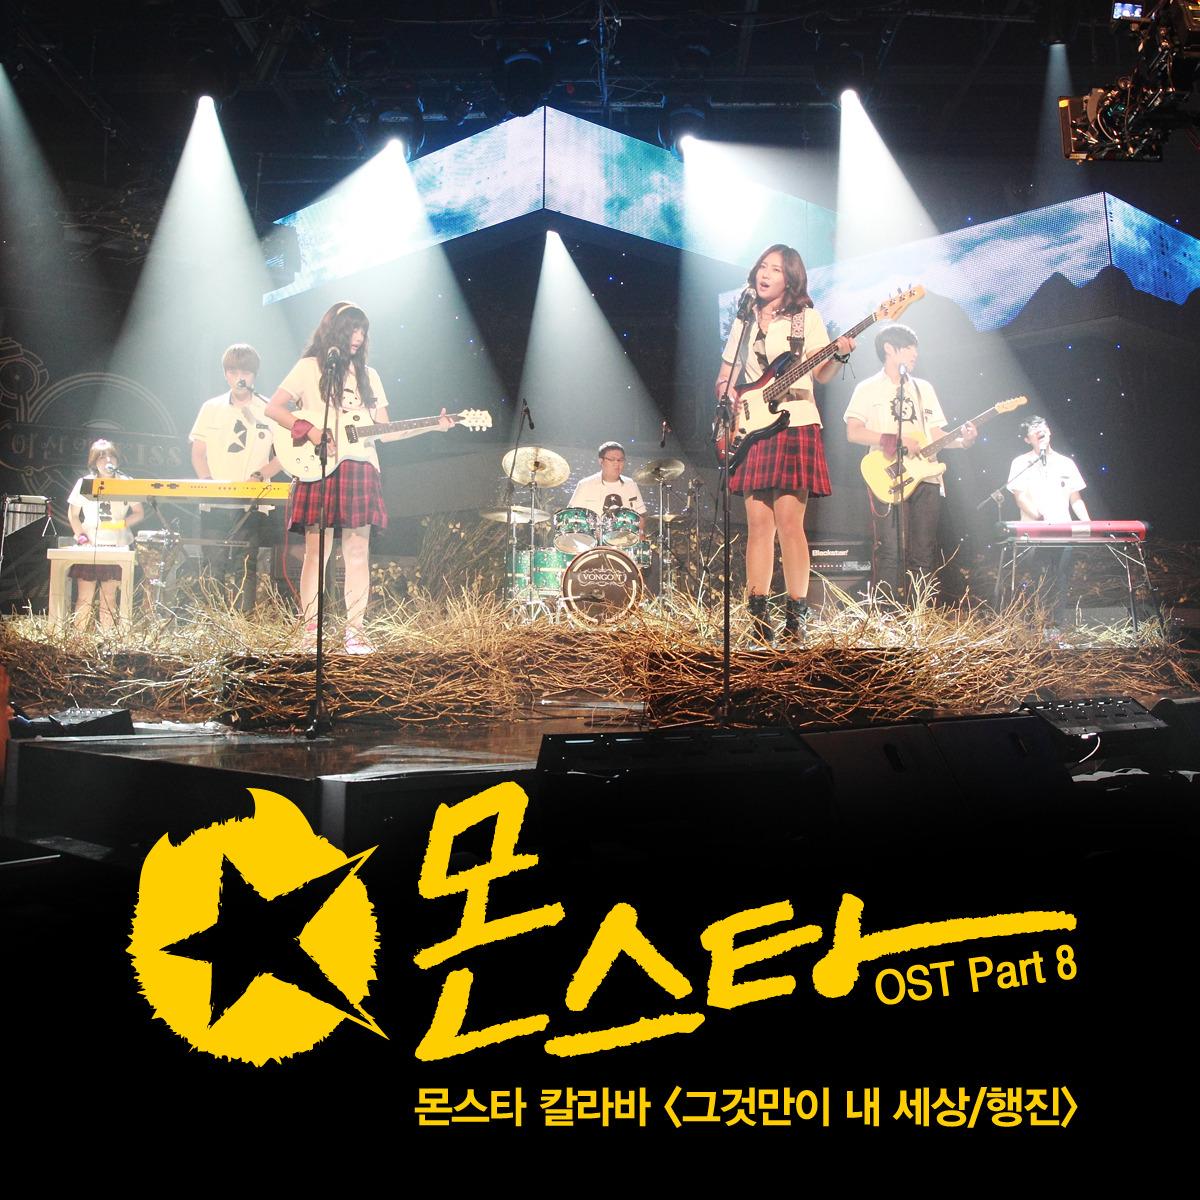 몬스타 Part 8 (tvN•Mnet 뮤직드라마) 앨범정보